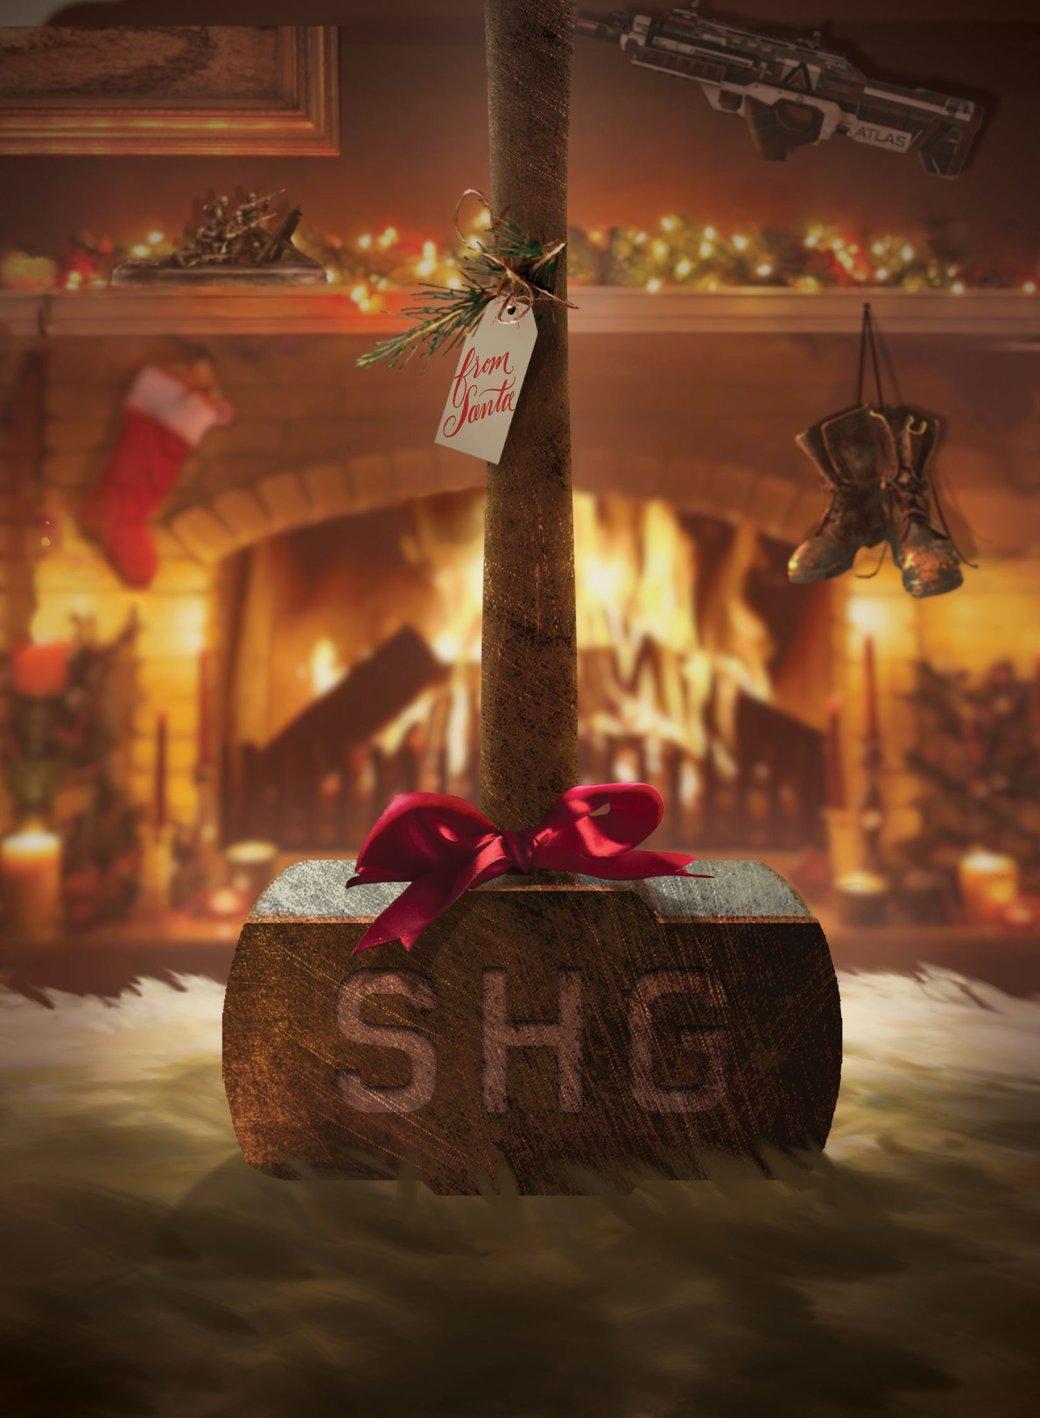 Разработчики поздравляют игроков с Рождеством. Подборка праздничных открыток   Канобу - Изображение 12504